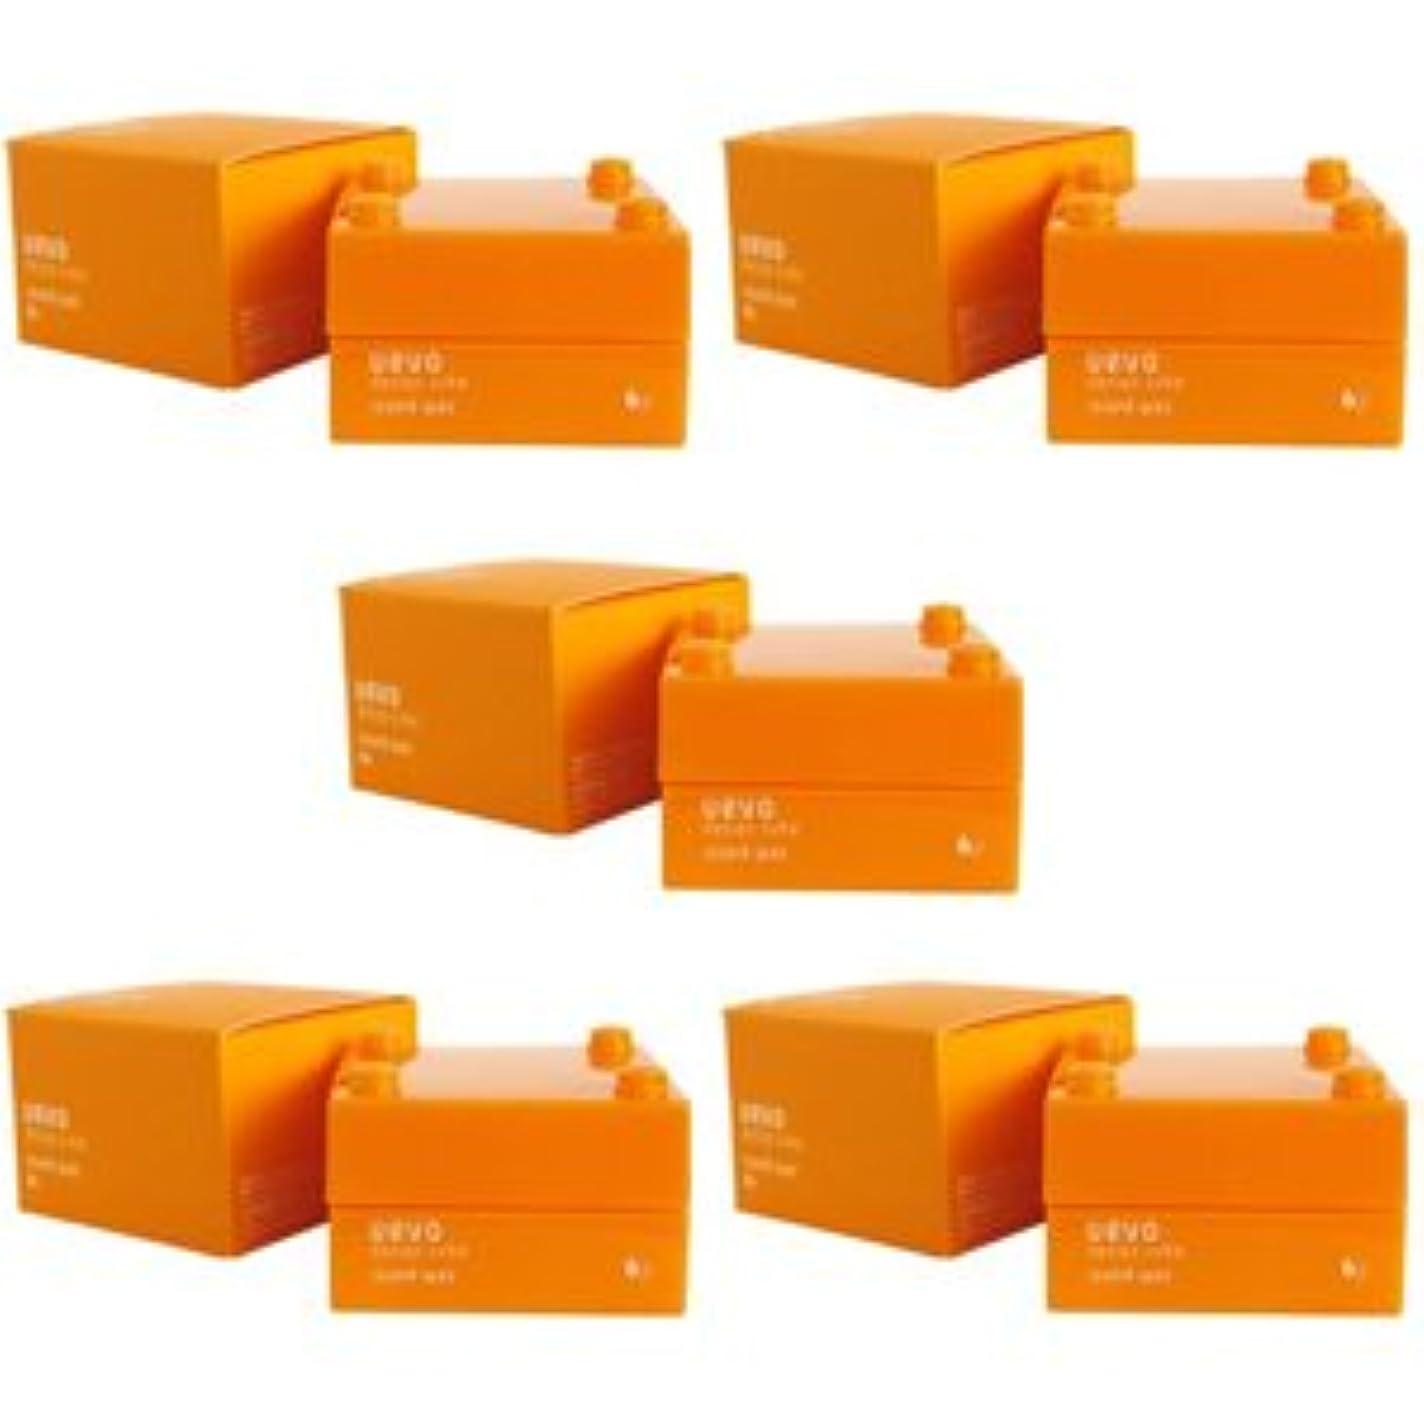 変換課税規模【X5個セット】 デミ ウェーボ デザインキューブ ラウンドワックス 30g round wax DEMI uevo design cube